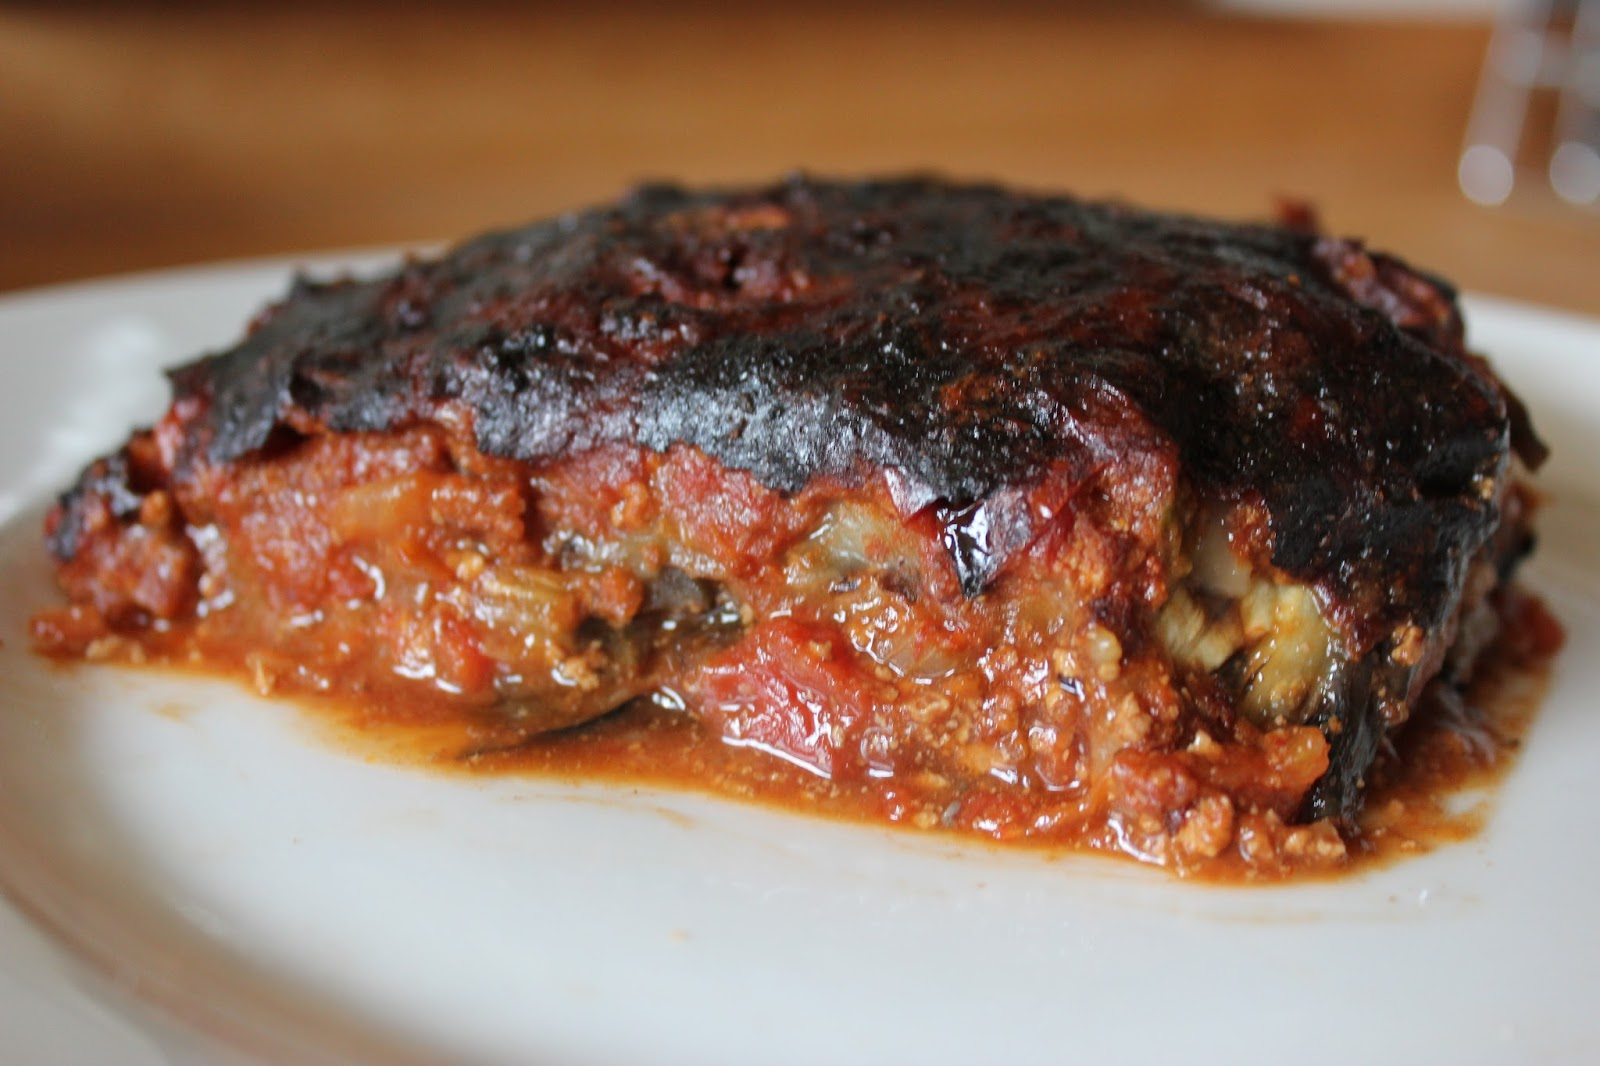 https://cuillereetsaladier.blogspot.com/2013/07/lasagnes-daubergines-la-bolognaise.html